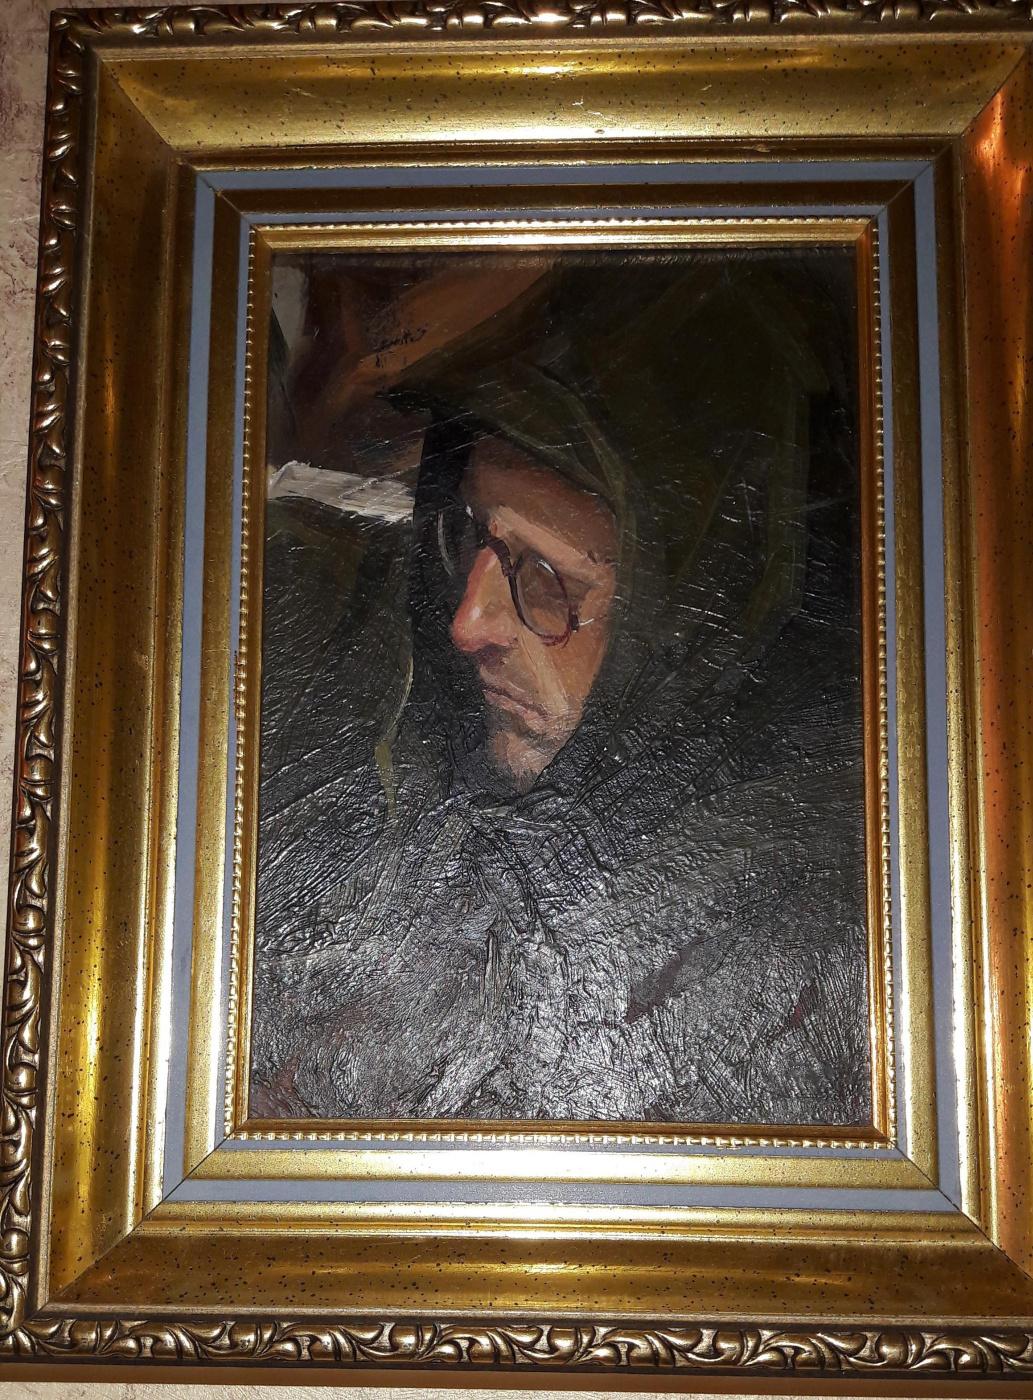 Mikhail Alexandrovich Kupriyanov. Portrait of a man